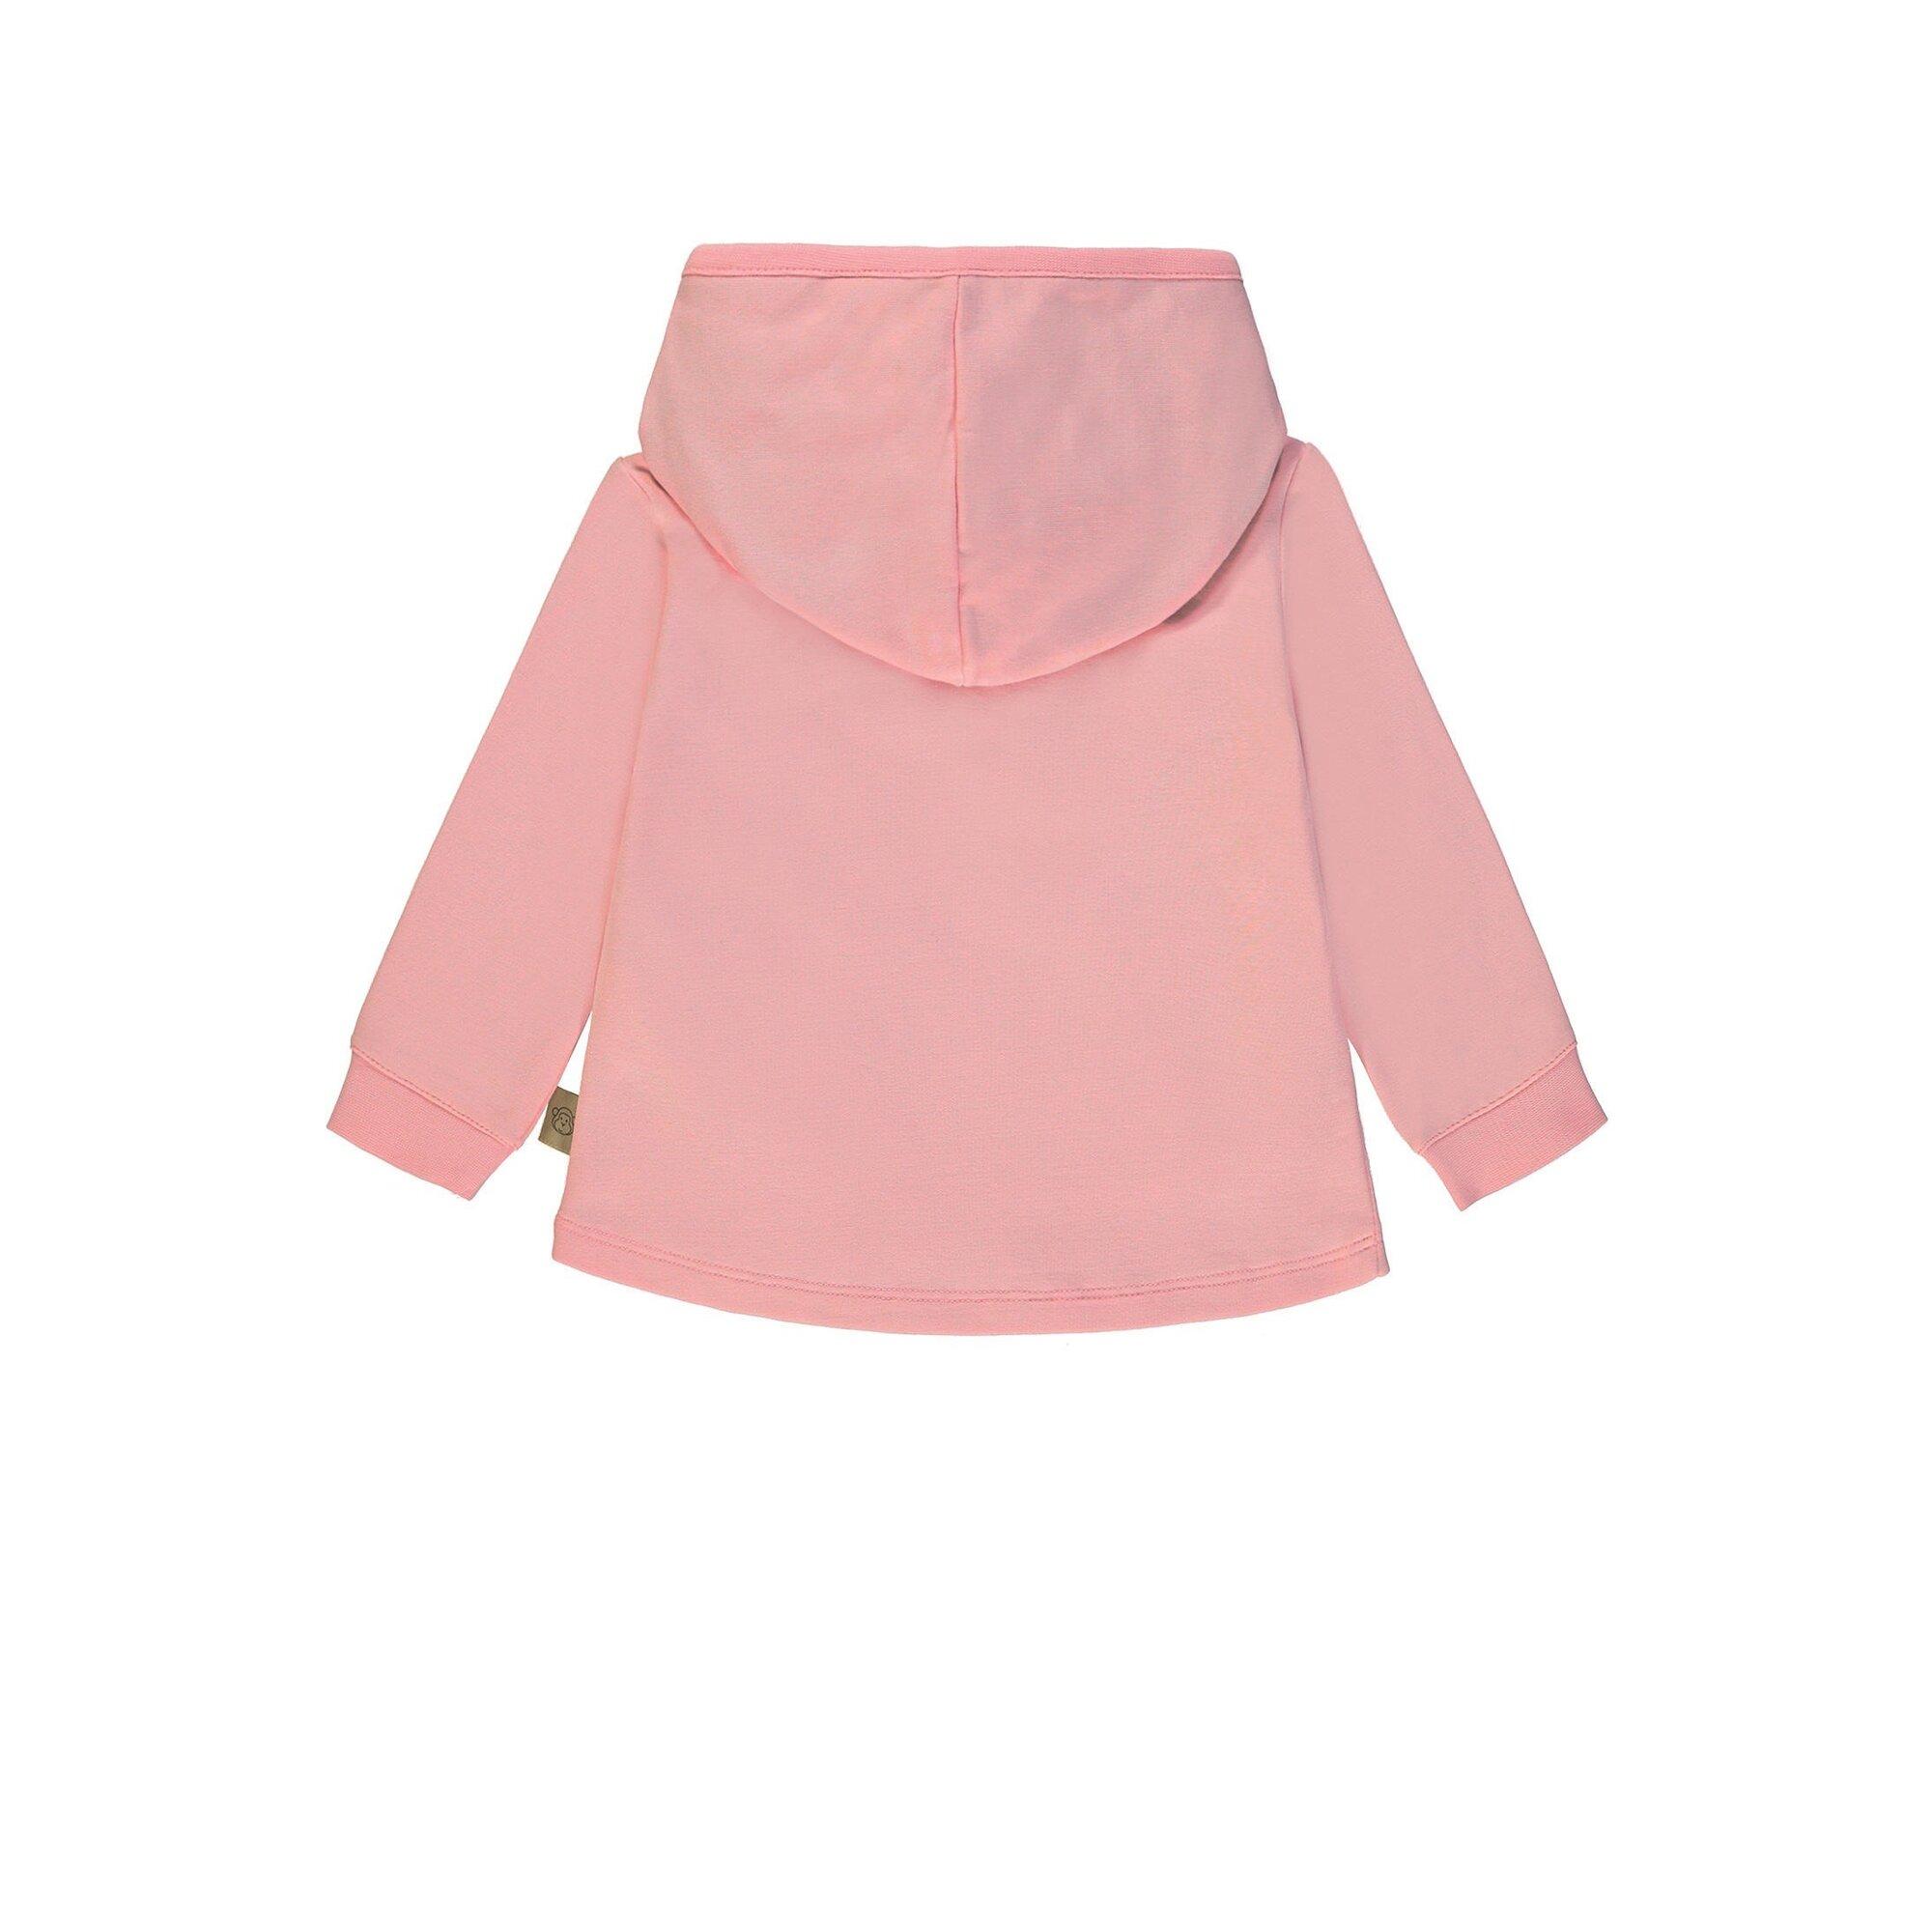 bellybutton-sweatshirt-mit-kapuze-madchen